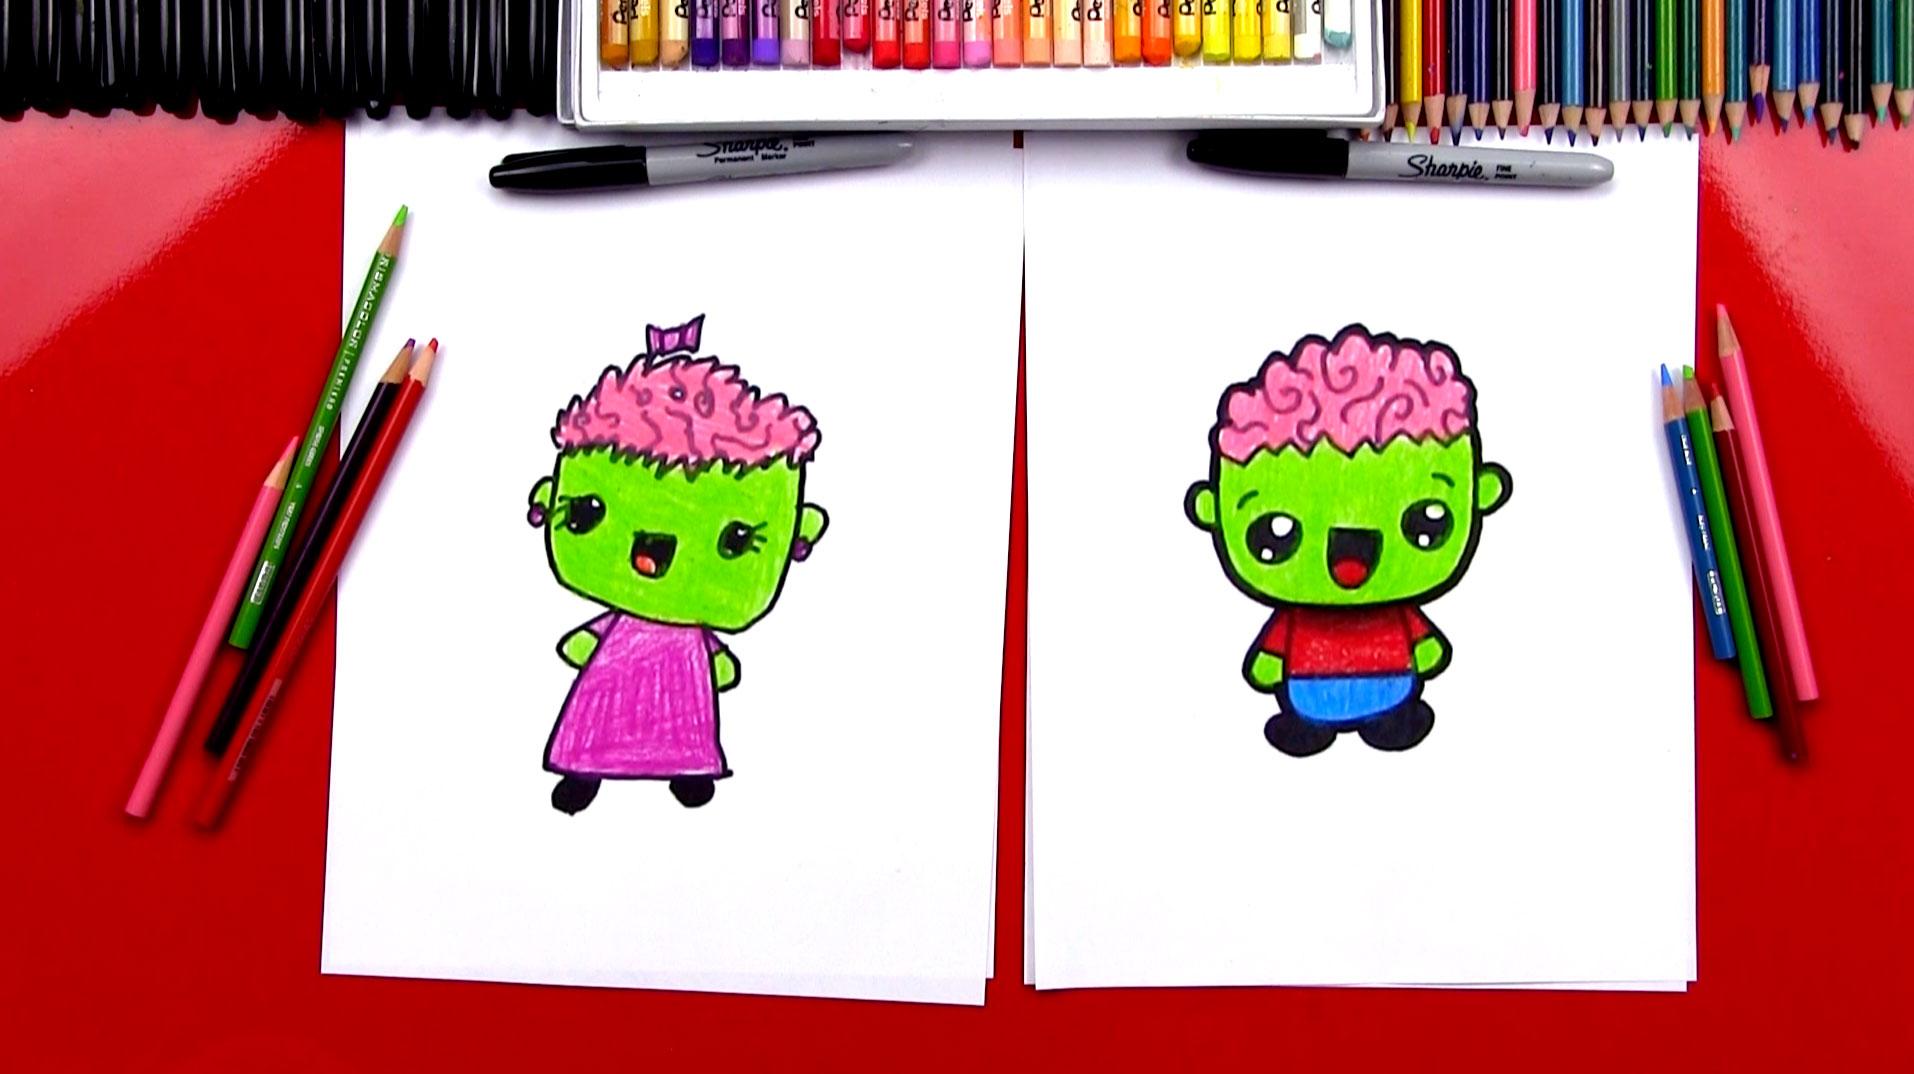 1914x1074 How To Draw A Cartoon Zombie